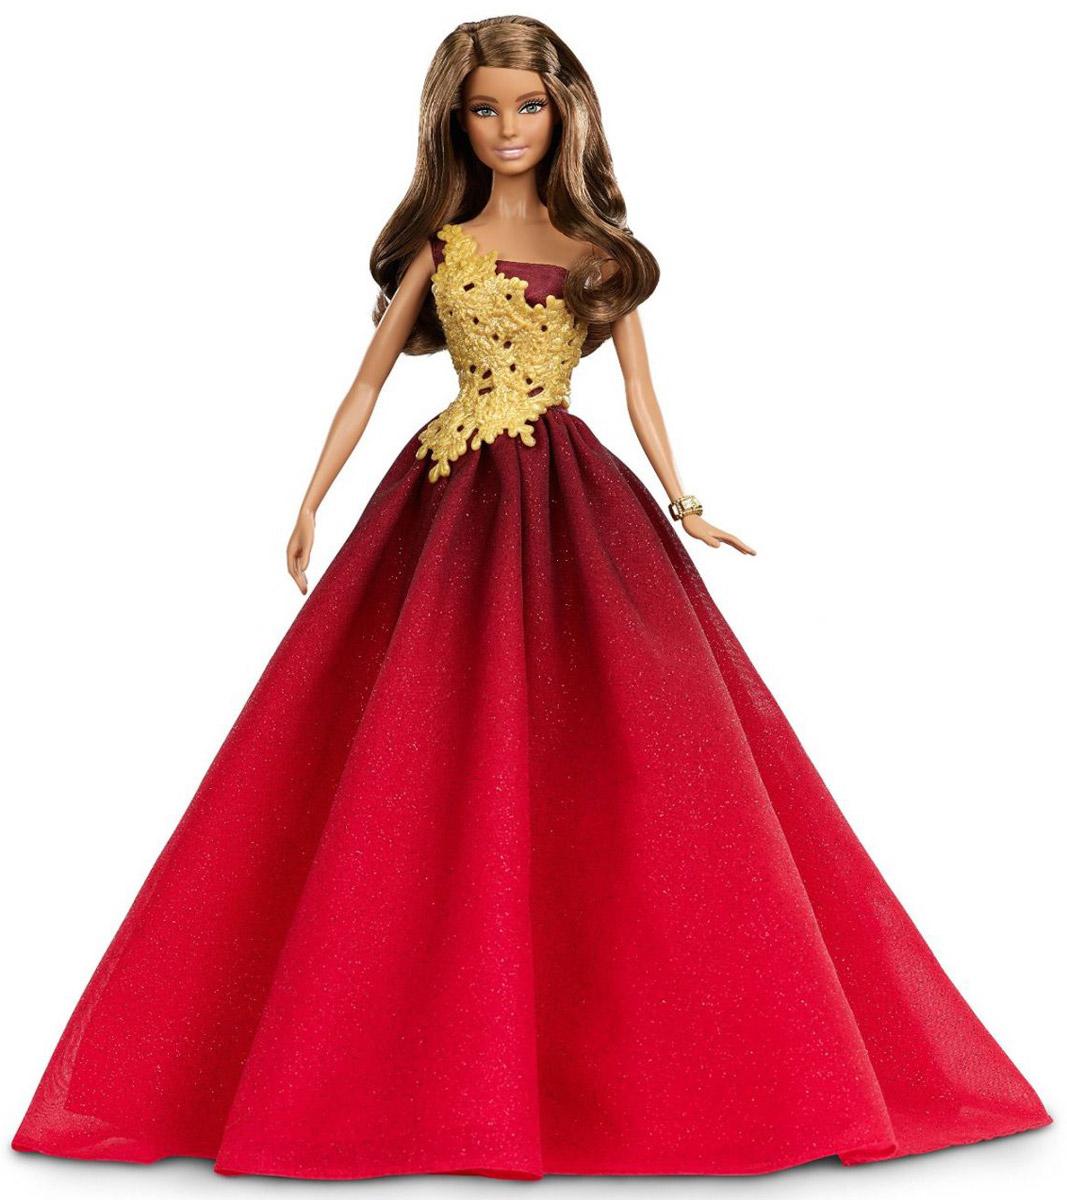 Barbie Кукла Праздничная цвет платья красныйDRD25Кукла Barbie Праздничная станет отличным подарком для вашей малышки. Куколка с длинными волосами одета в пластиковый блестящий топ и длинное красное платье с блестками. Стильный образ куклы дополнен золотистым браслетом. В этом наряде Барби стала настоящим воплощением гламура, сияние которого озарит все праздничные дни. Особый дизайн упаковки (снежный шар) сделает эту куклу идеальным подарком. Куклы, пожалуй, самые популярные игрушки в мире. Девочки обожают играть с ними, отправляясь в сказочную страну грез. Ваша малышка с удовольствием будет играть с куколкой, придумывая различные истории и устраивая модные показы.